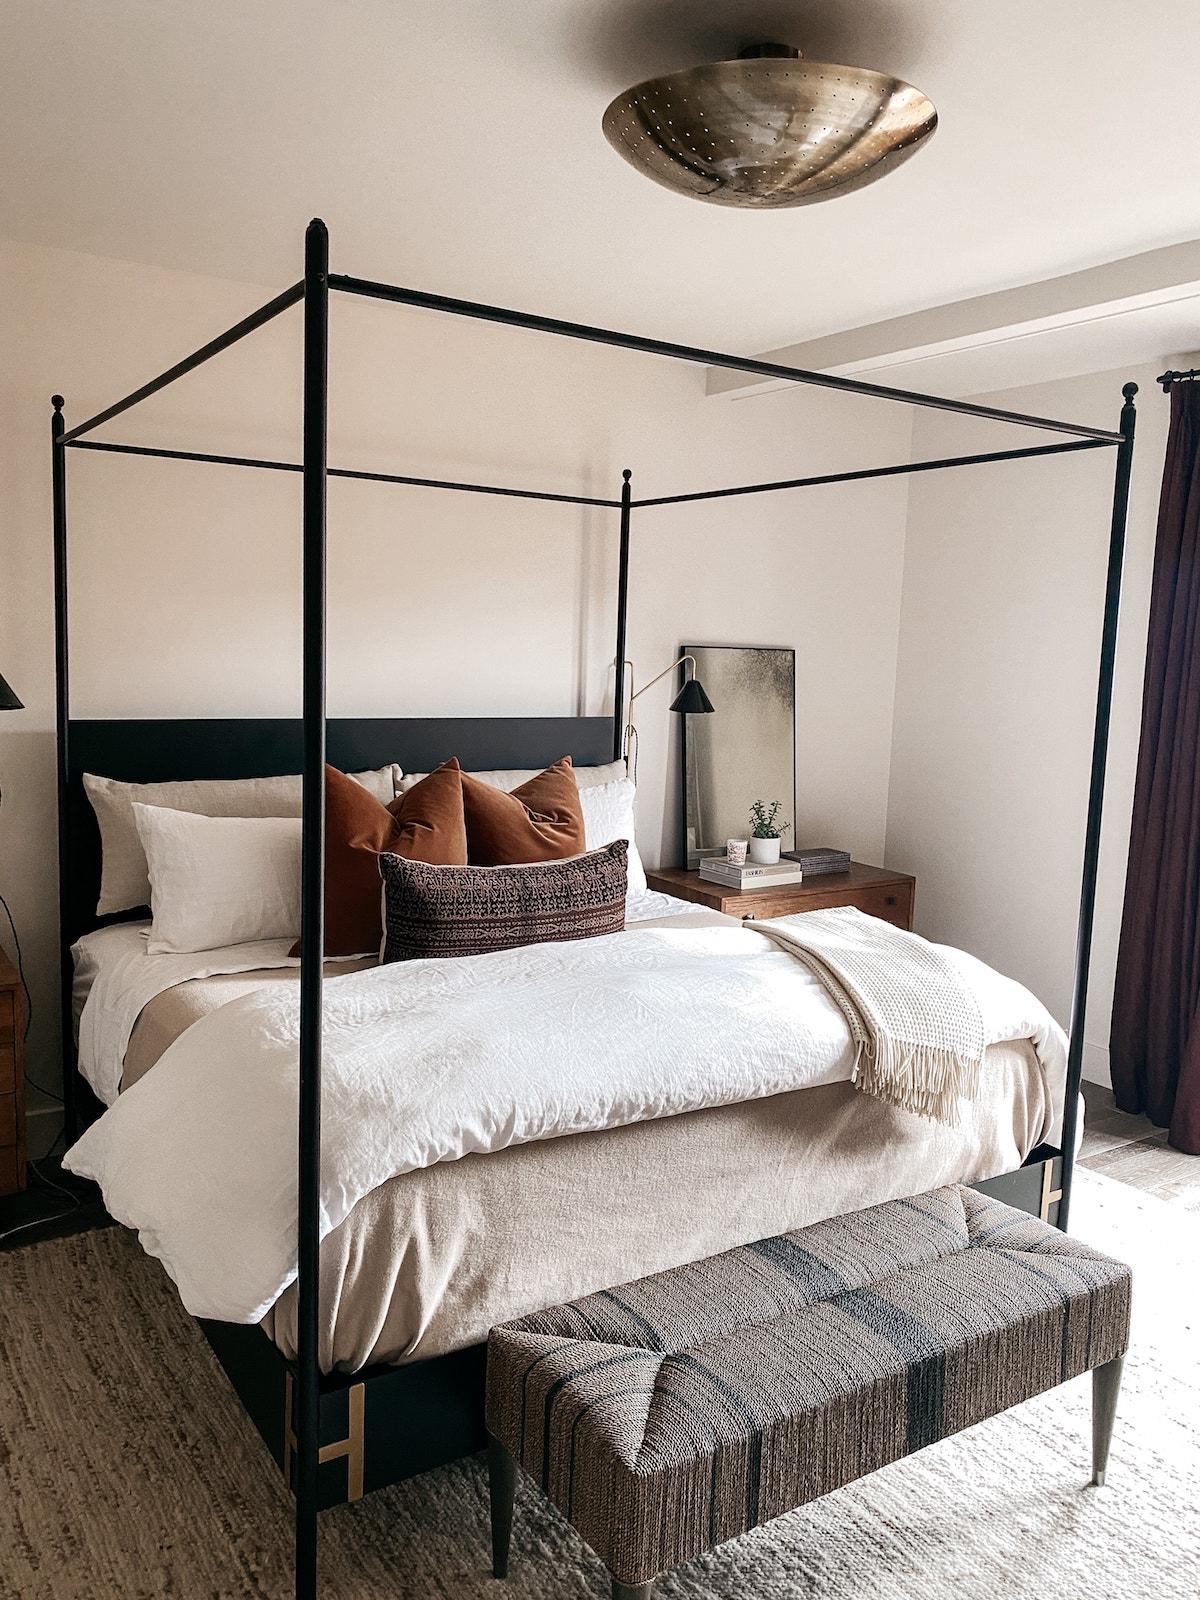 Brighton Keller's bedroom